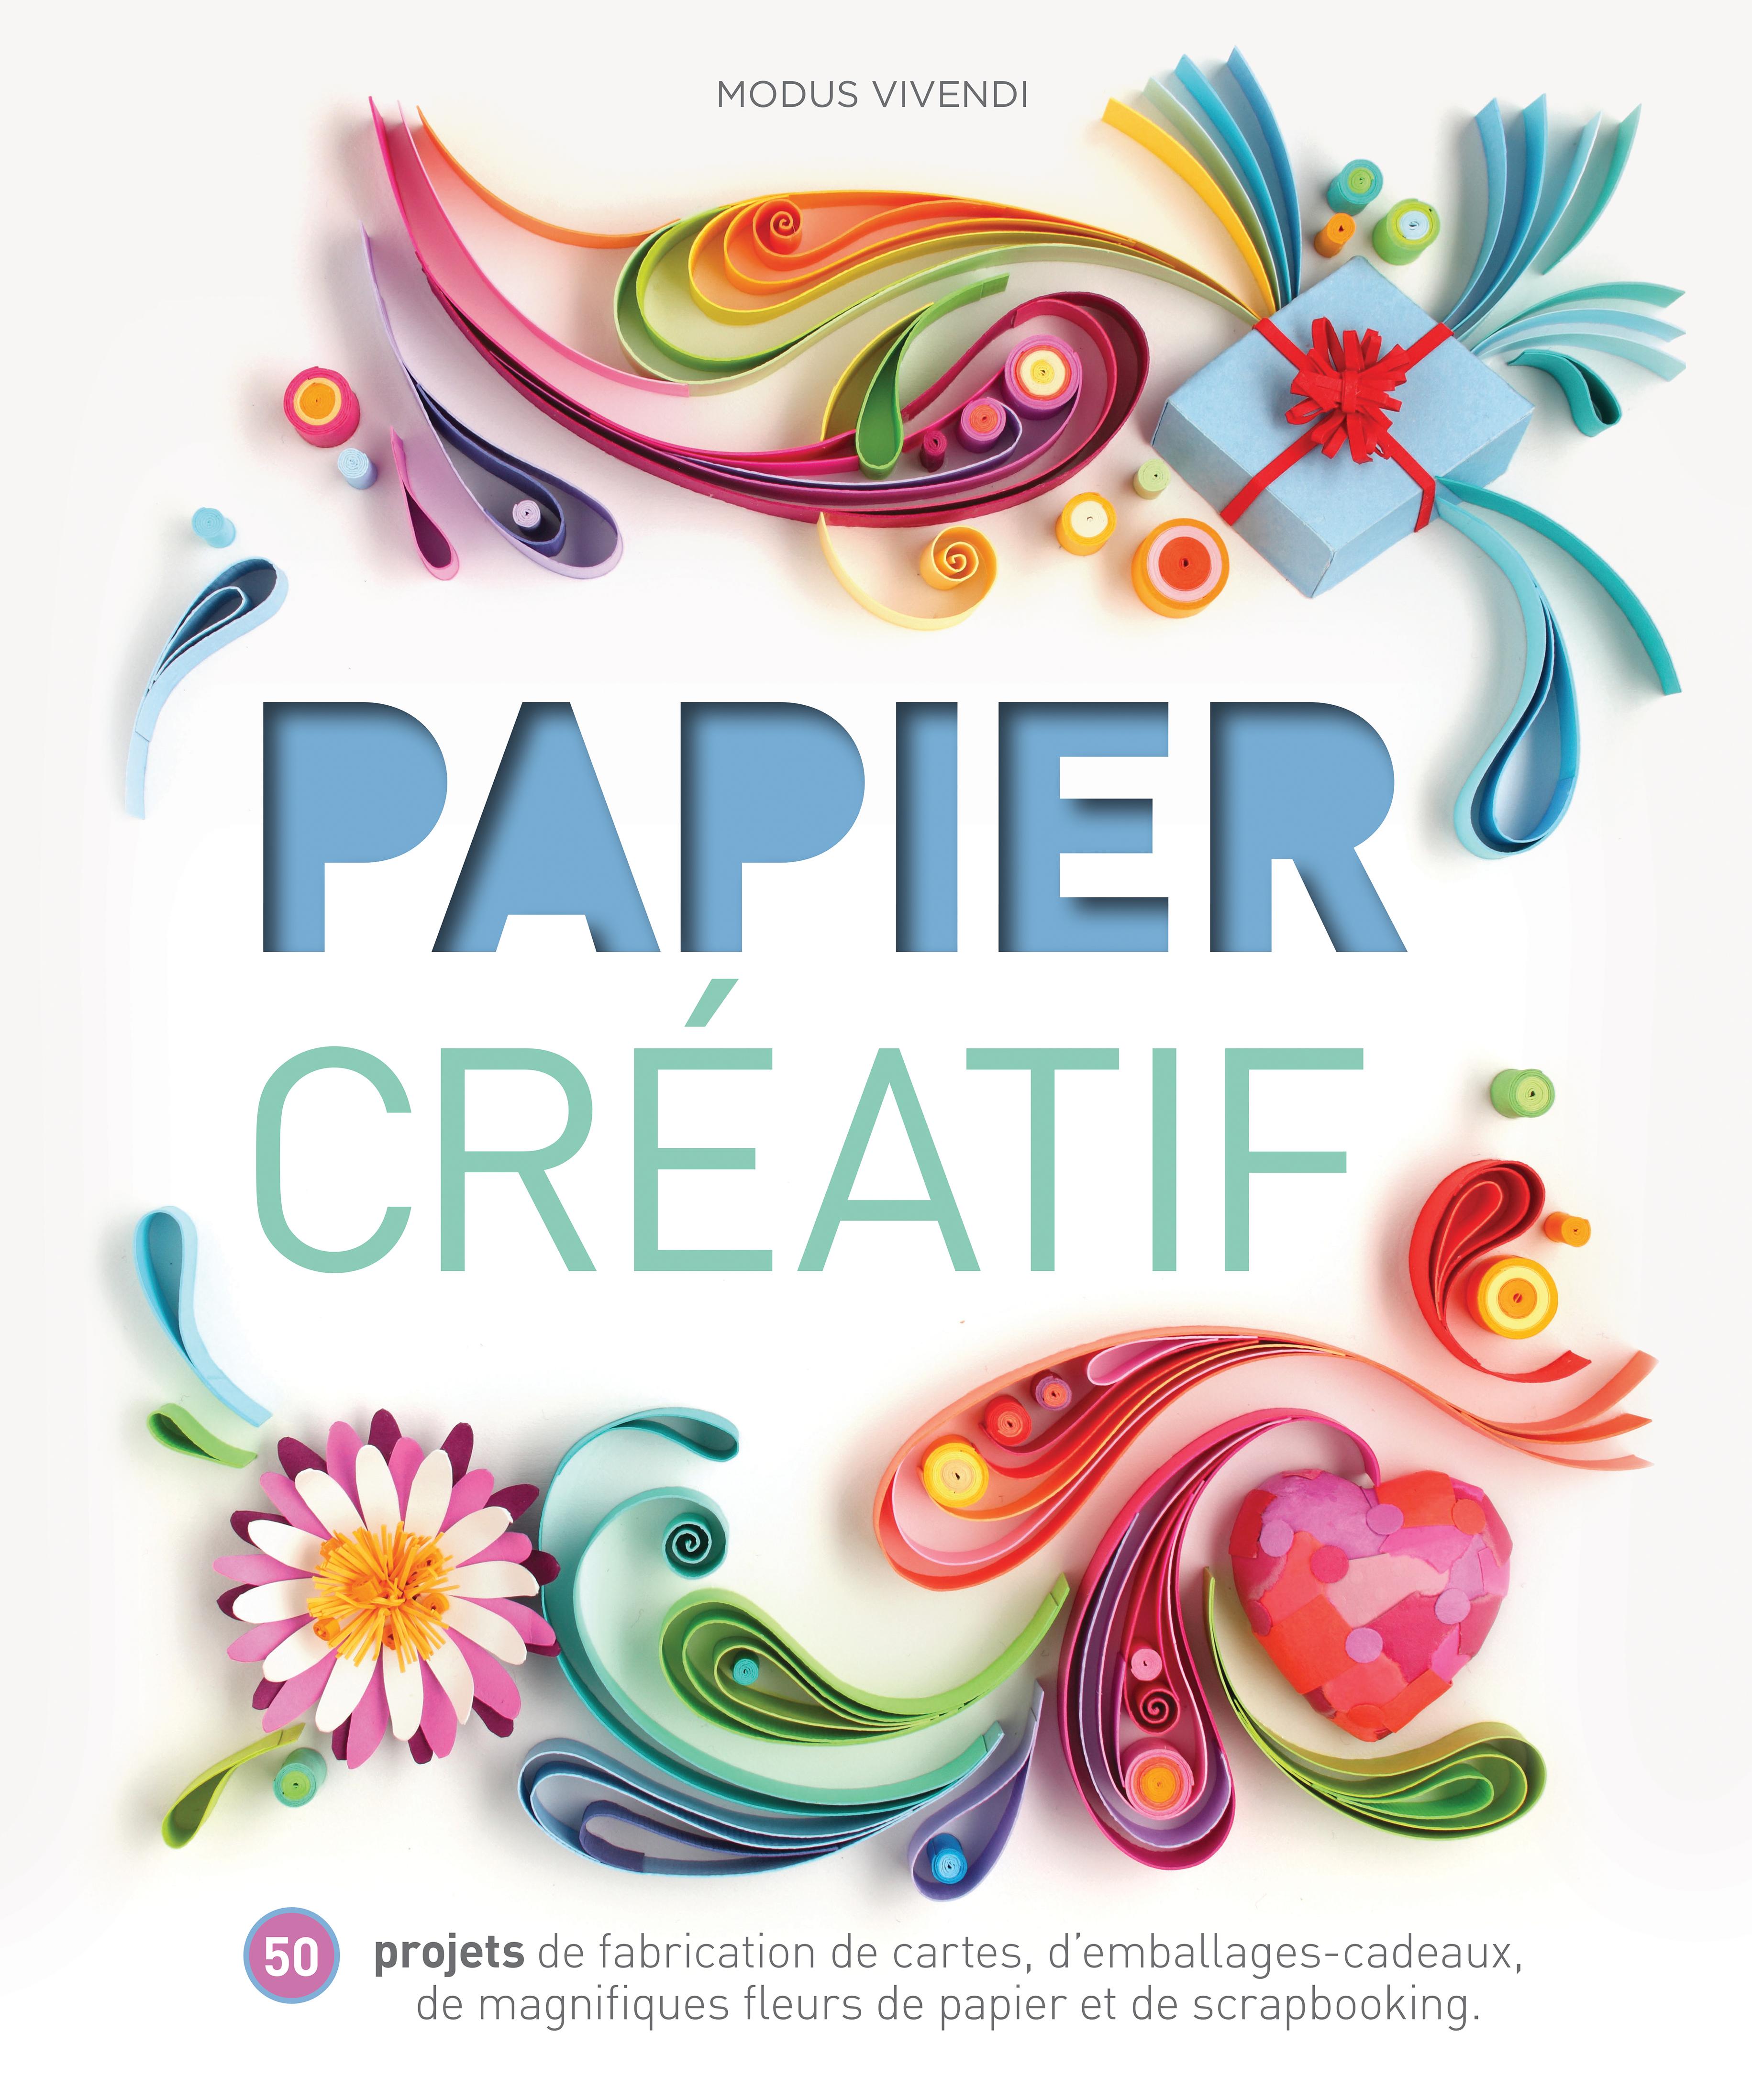 Modus_papier_creatif